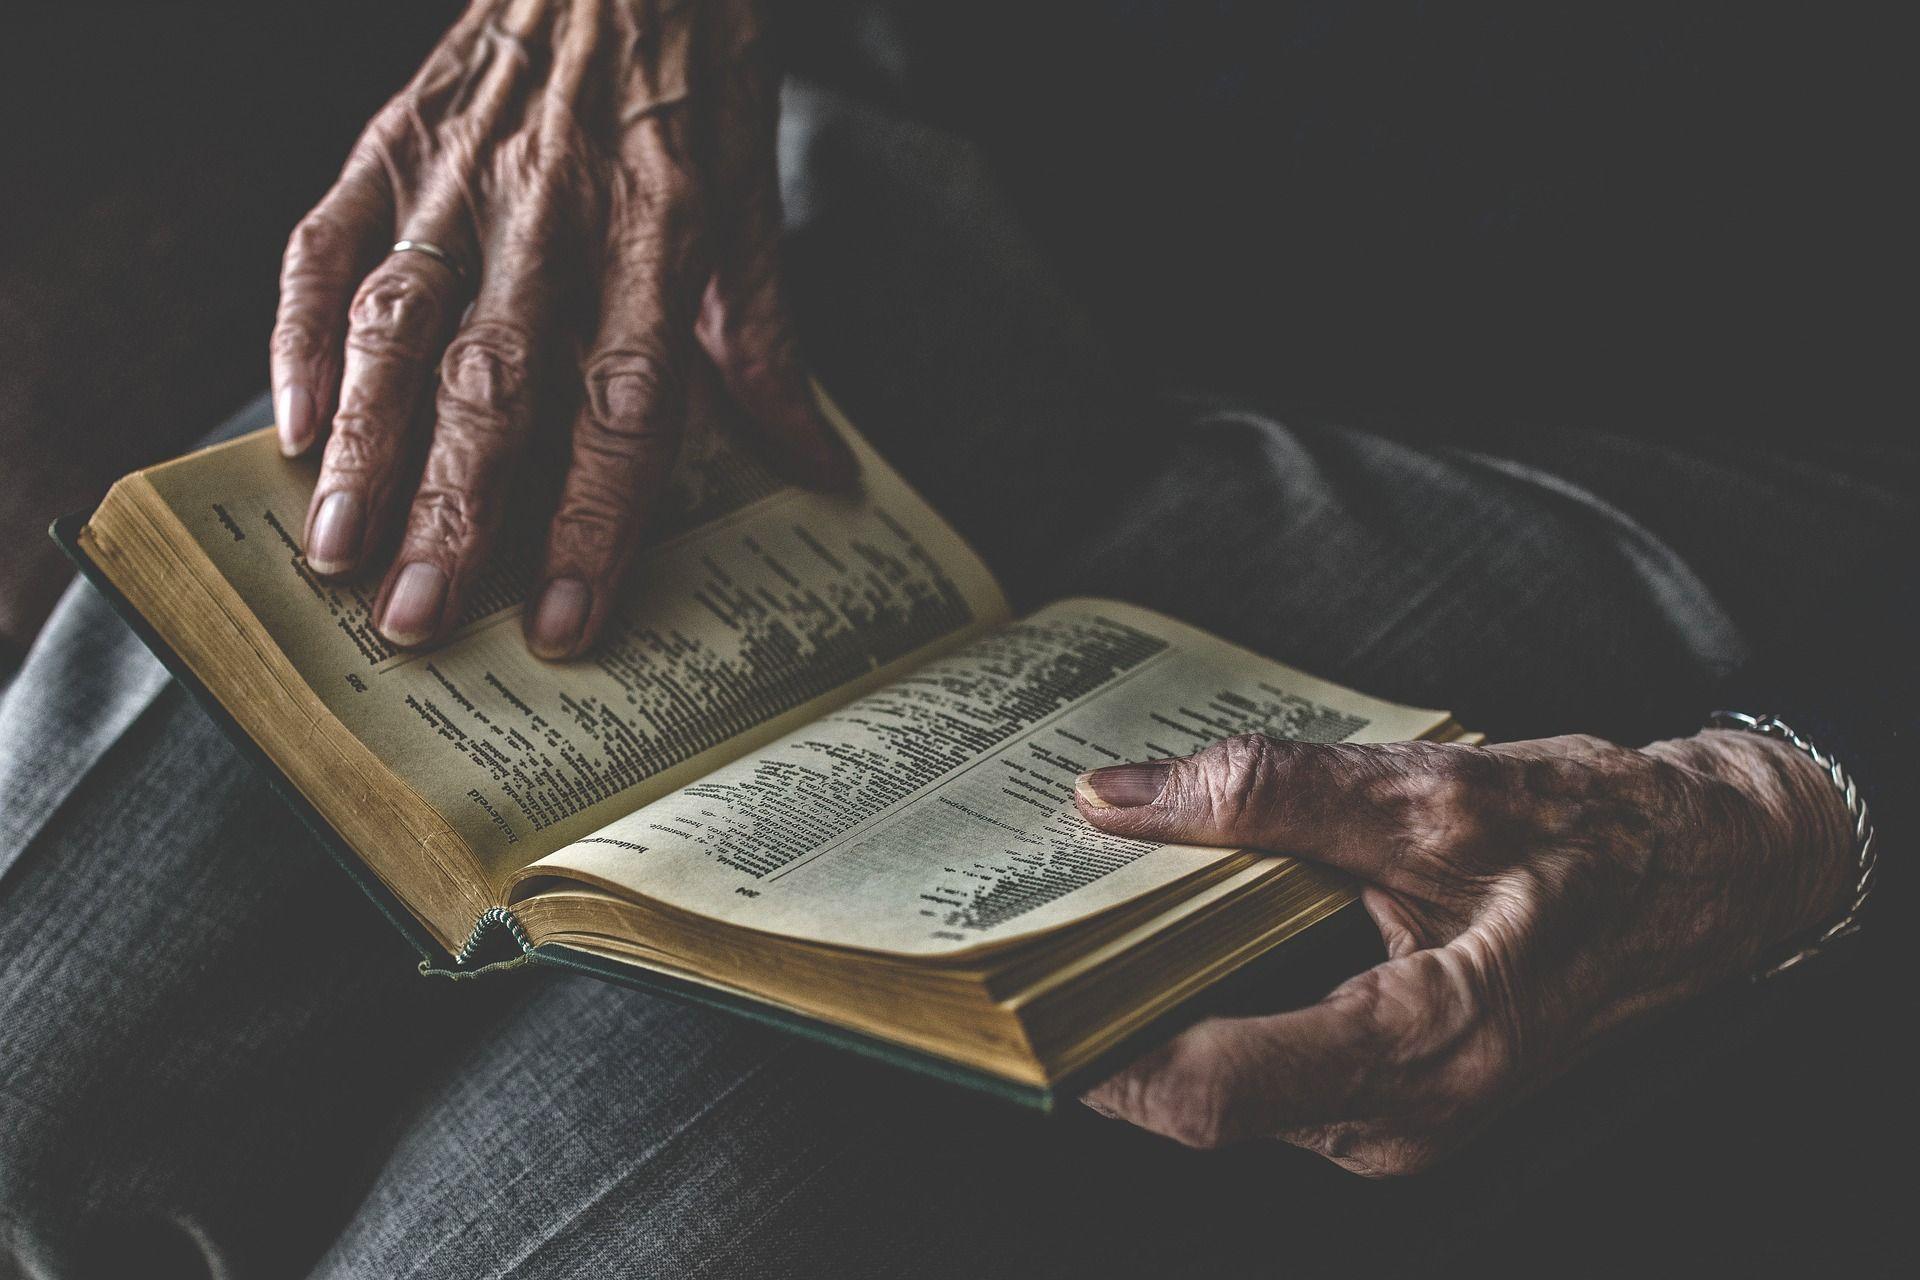 demencija, alzheimerova bolest, parkinsonova bolest - prirodni lijekovi, prirodno liječenje